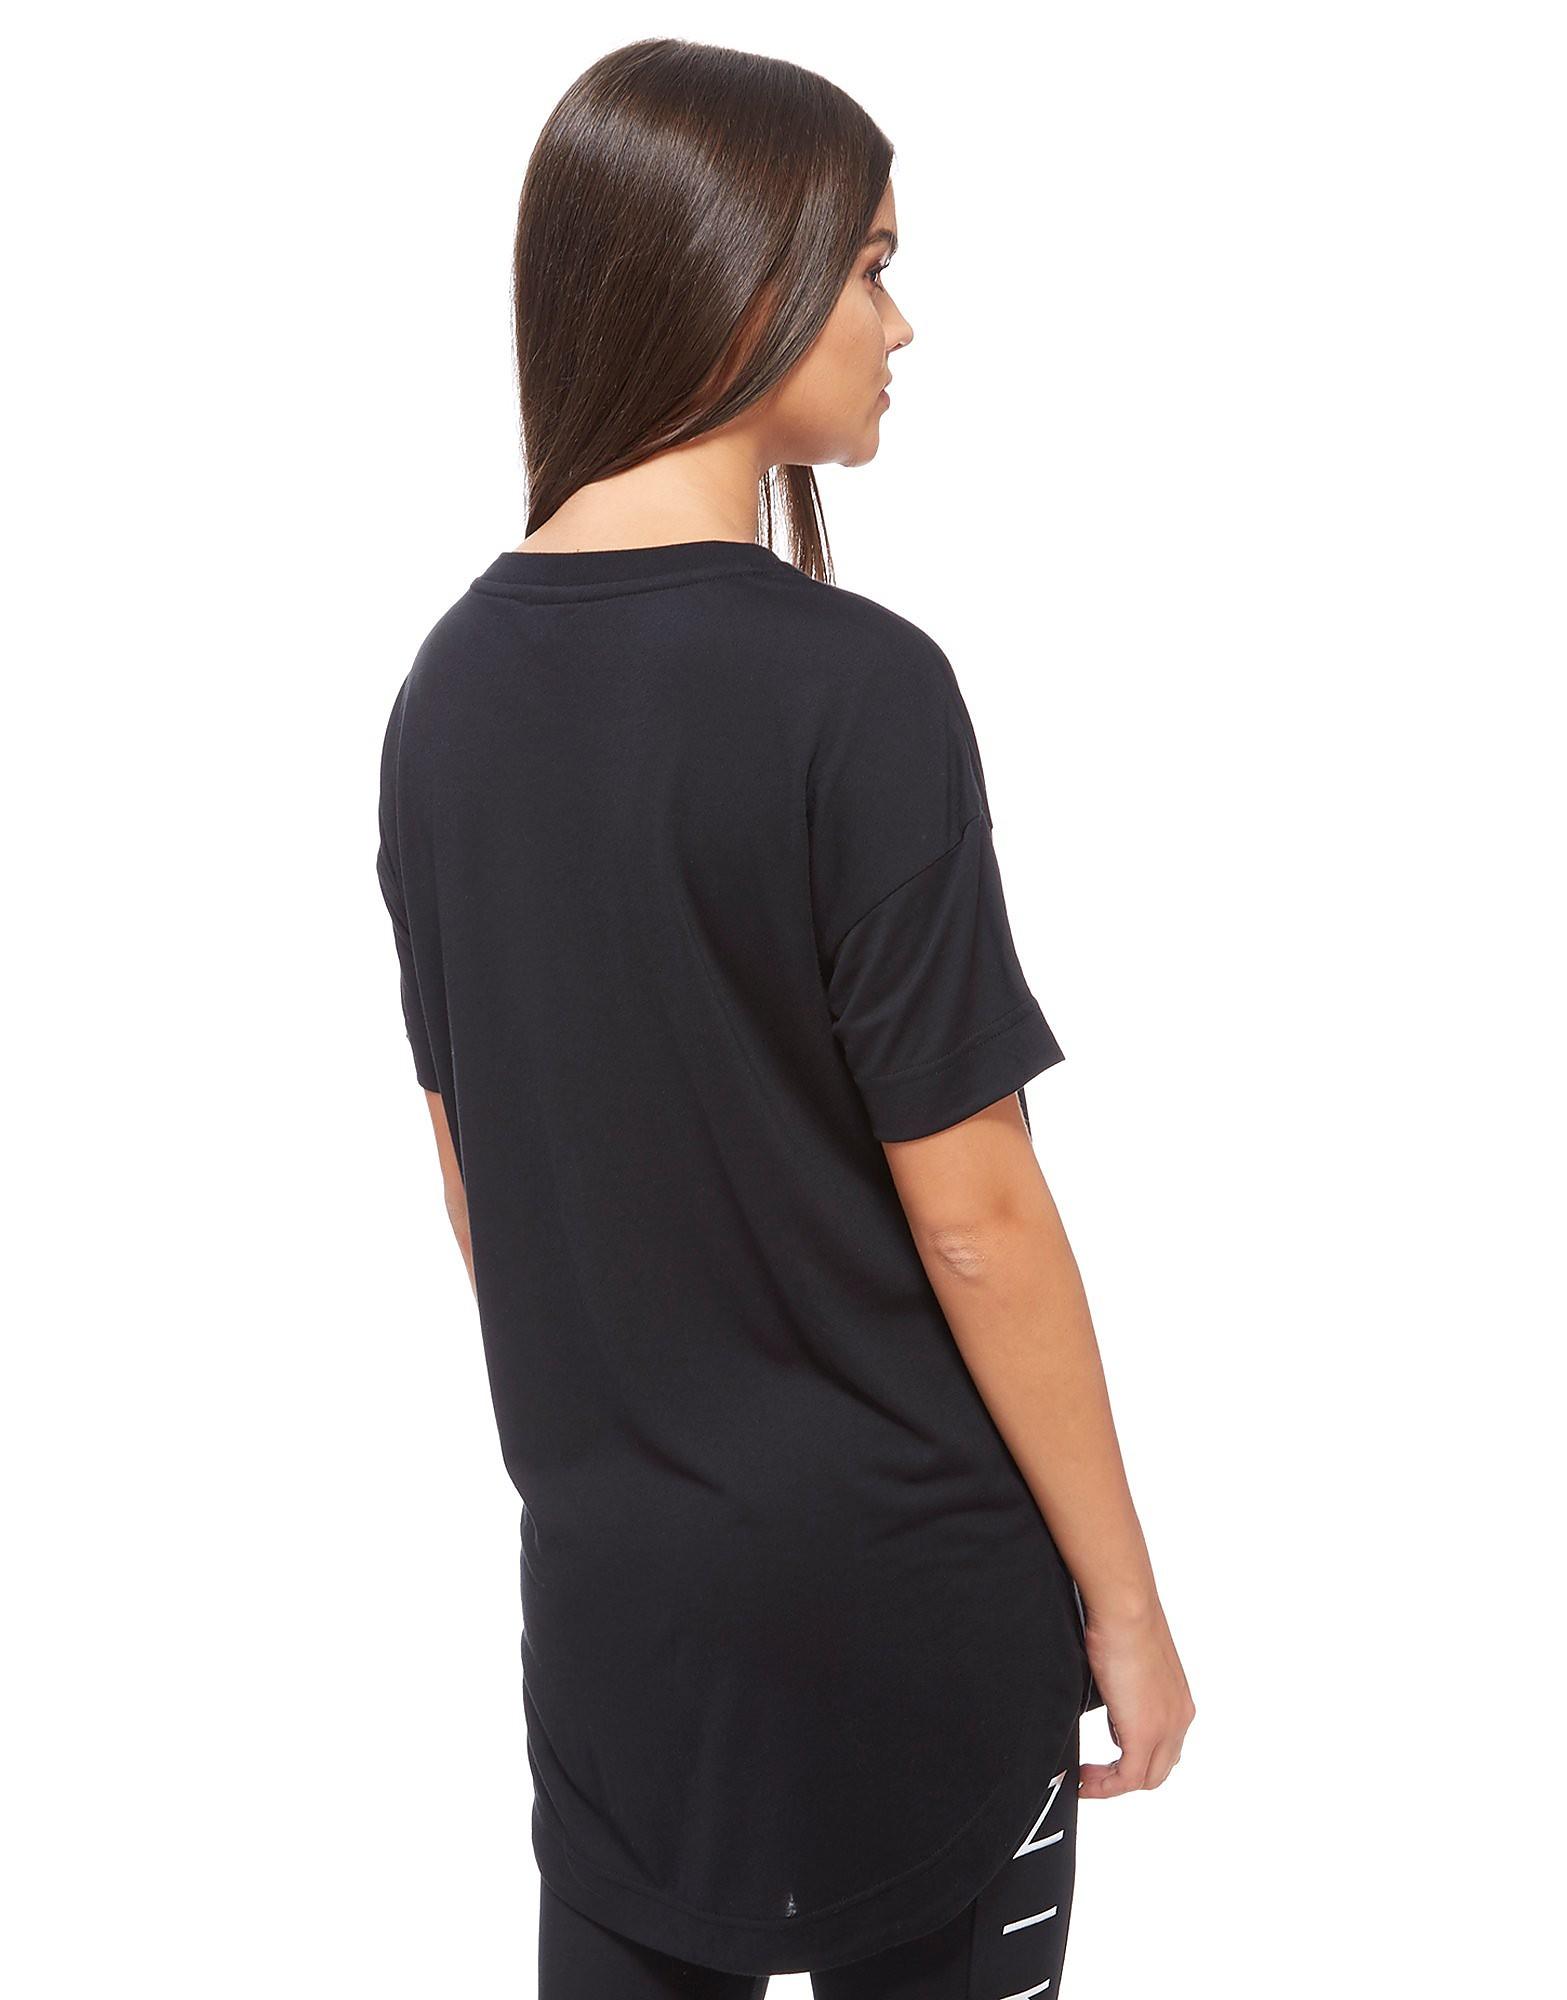 Nike Air Scoop T-Shirt